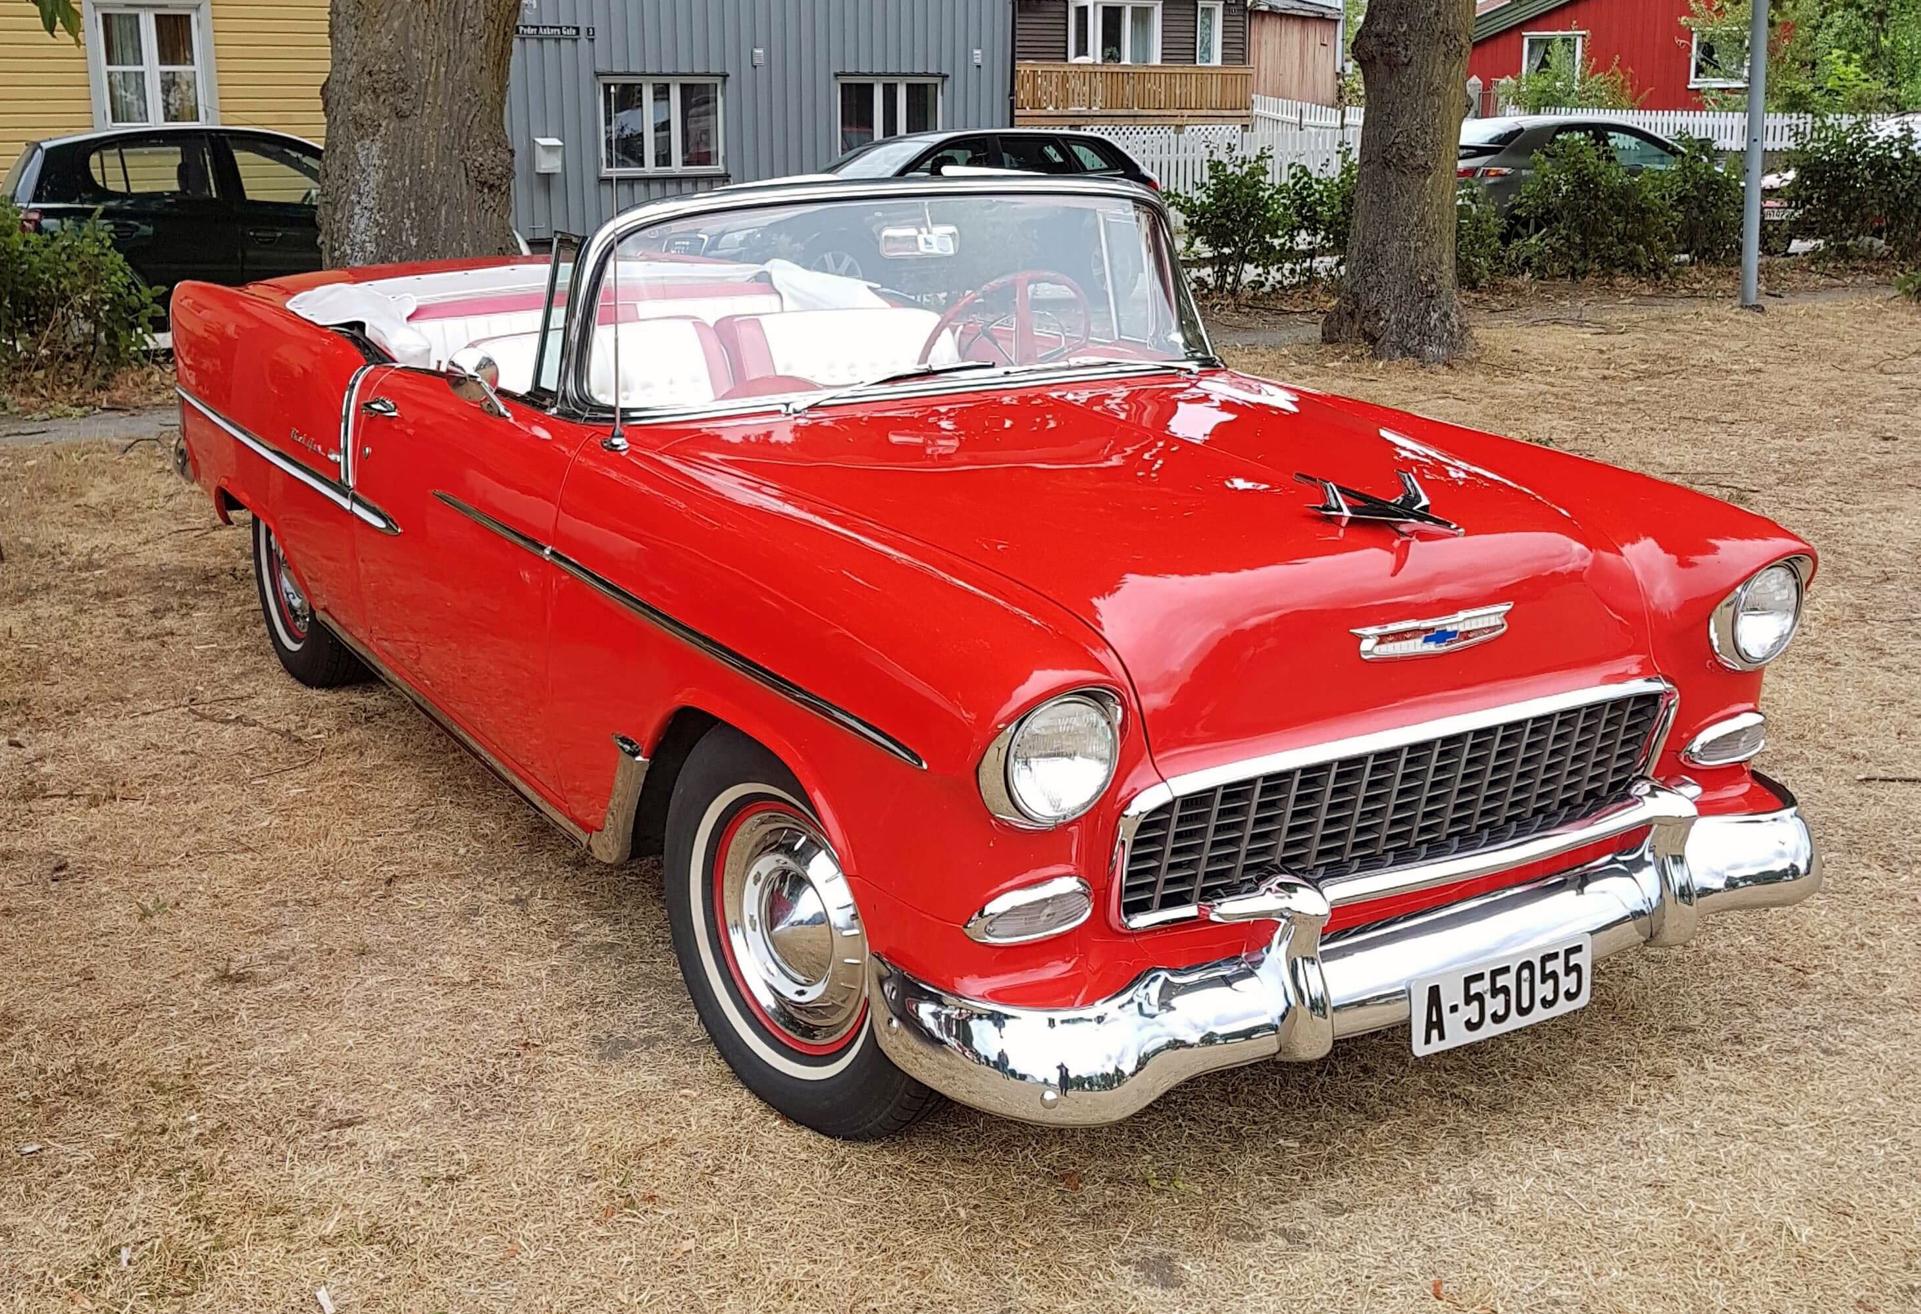 318-1955 Chevrolet Bel Air convertible 01. Eier-